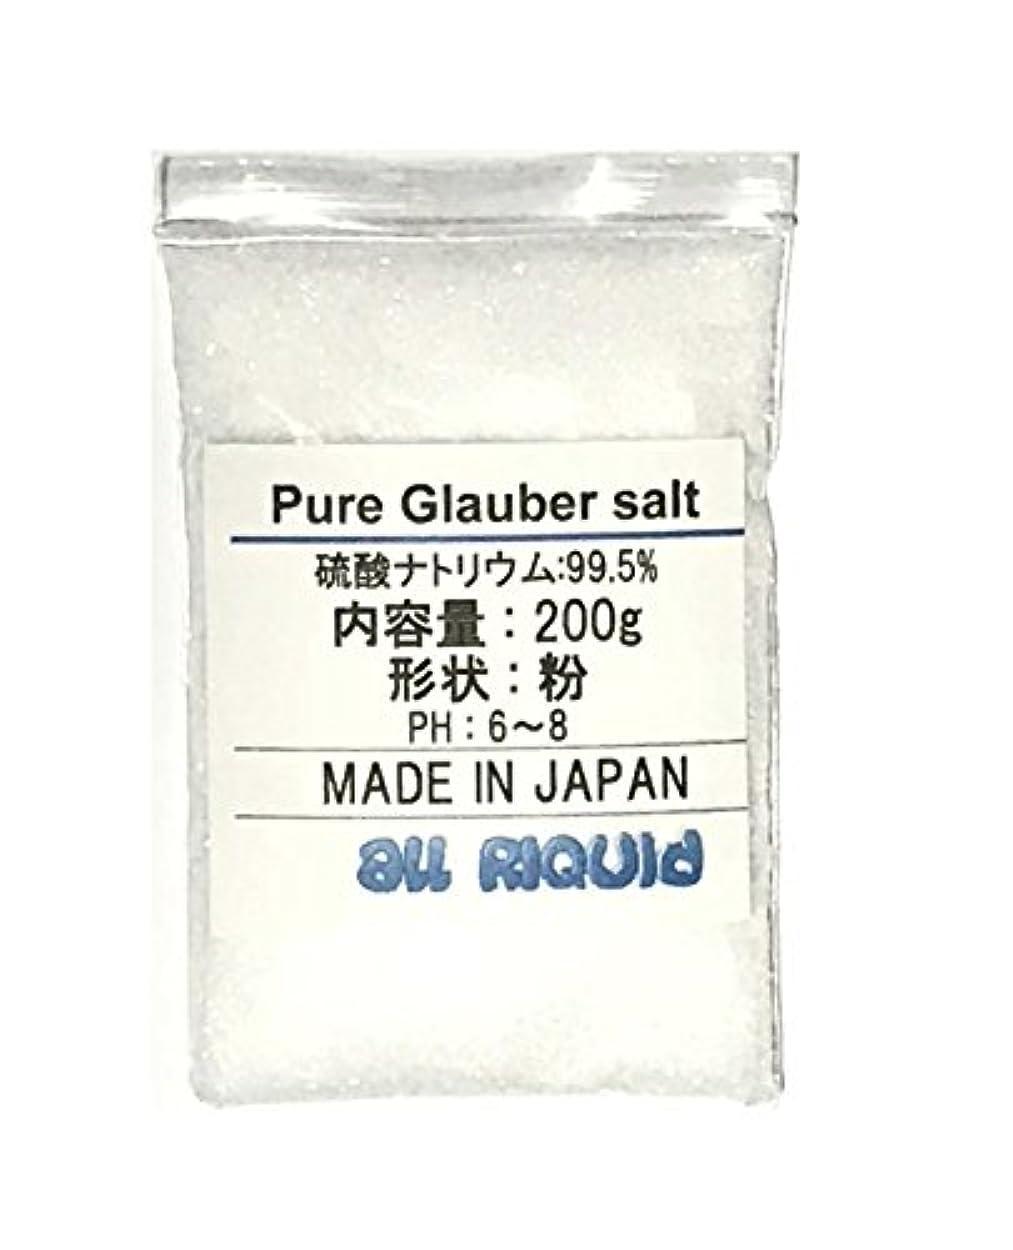 等価カート学生純 グラウバーソルト 200g (硫酸ナトリウム) 10回分 99.5% 国産品 オールリキッド 芒硝